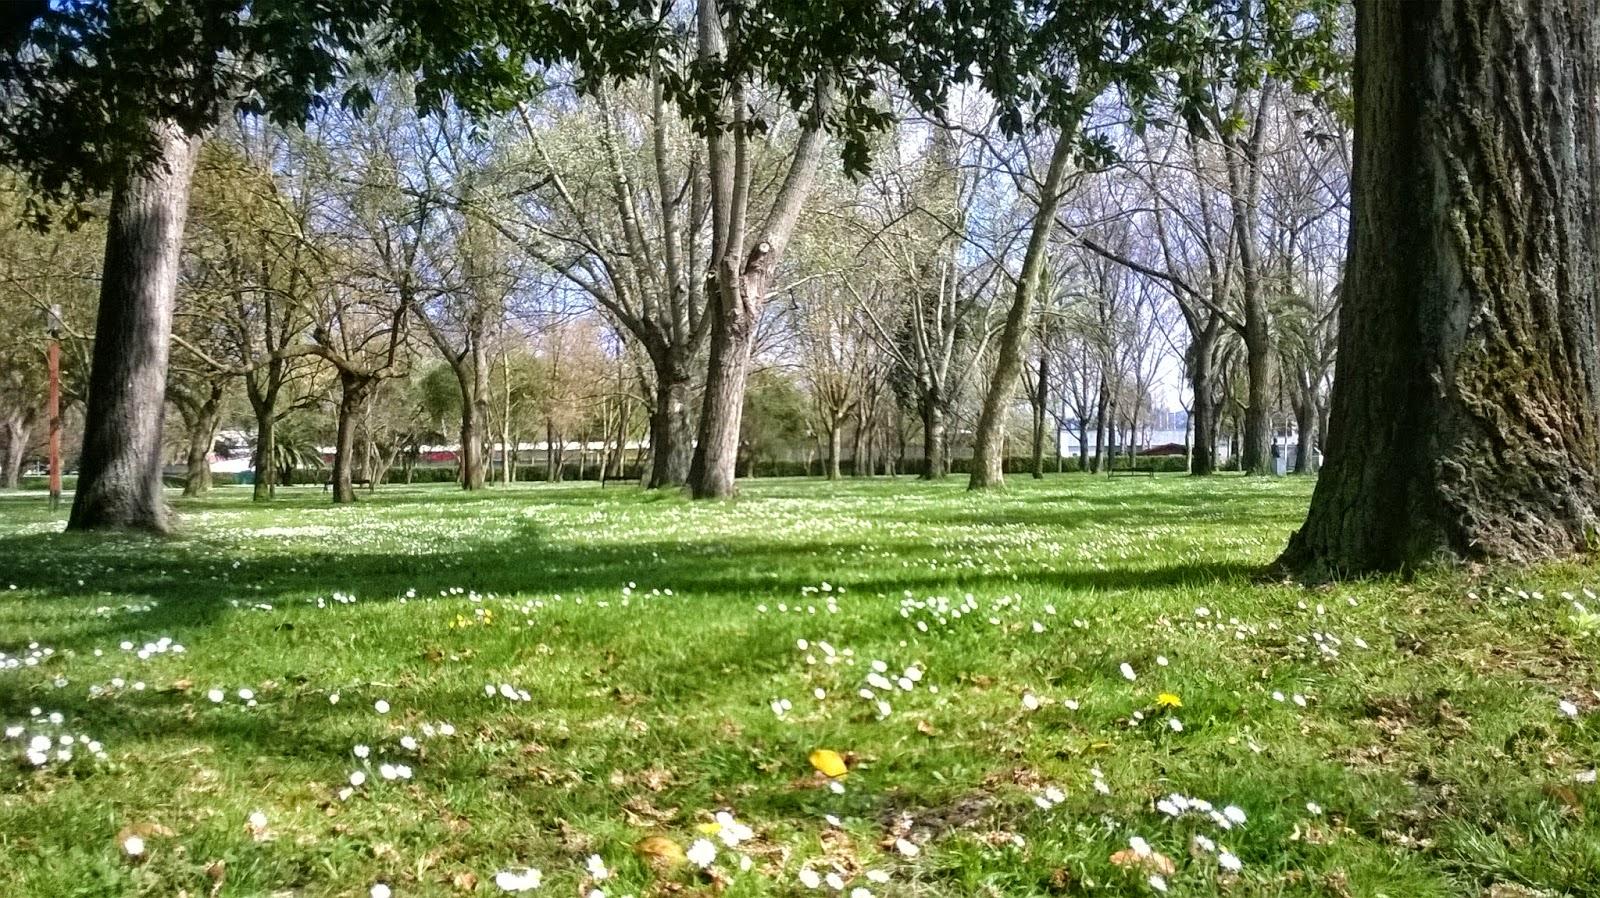 flores  y árboles en primavera